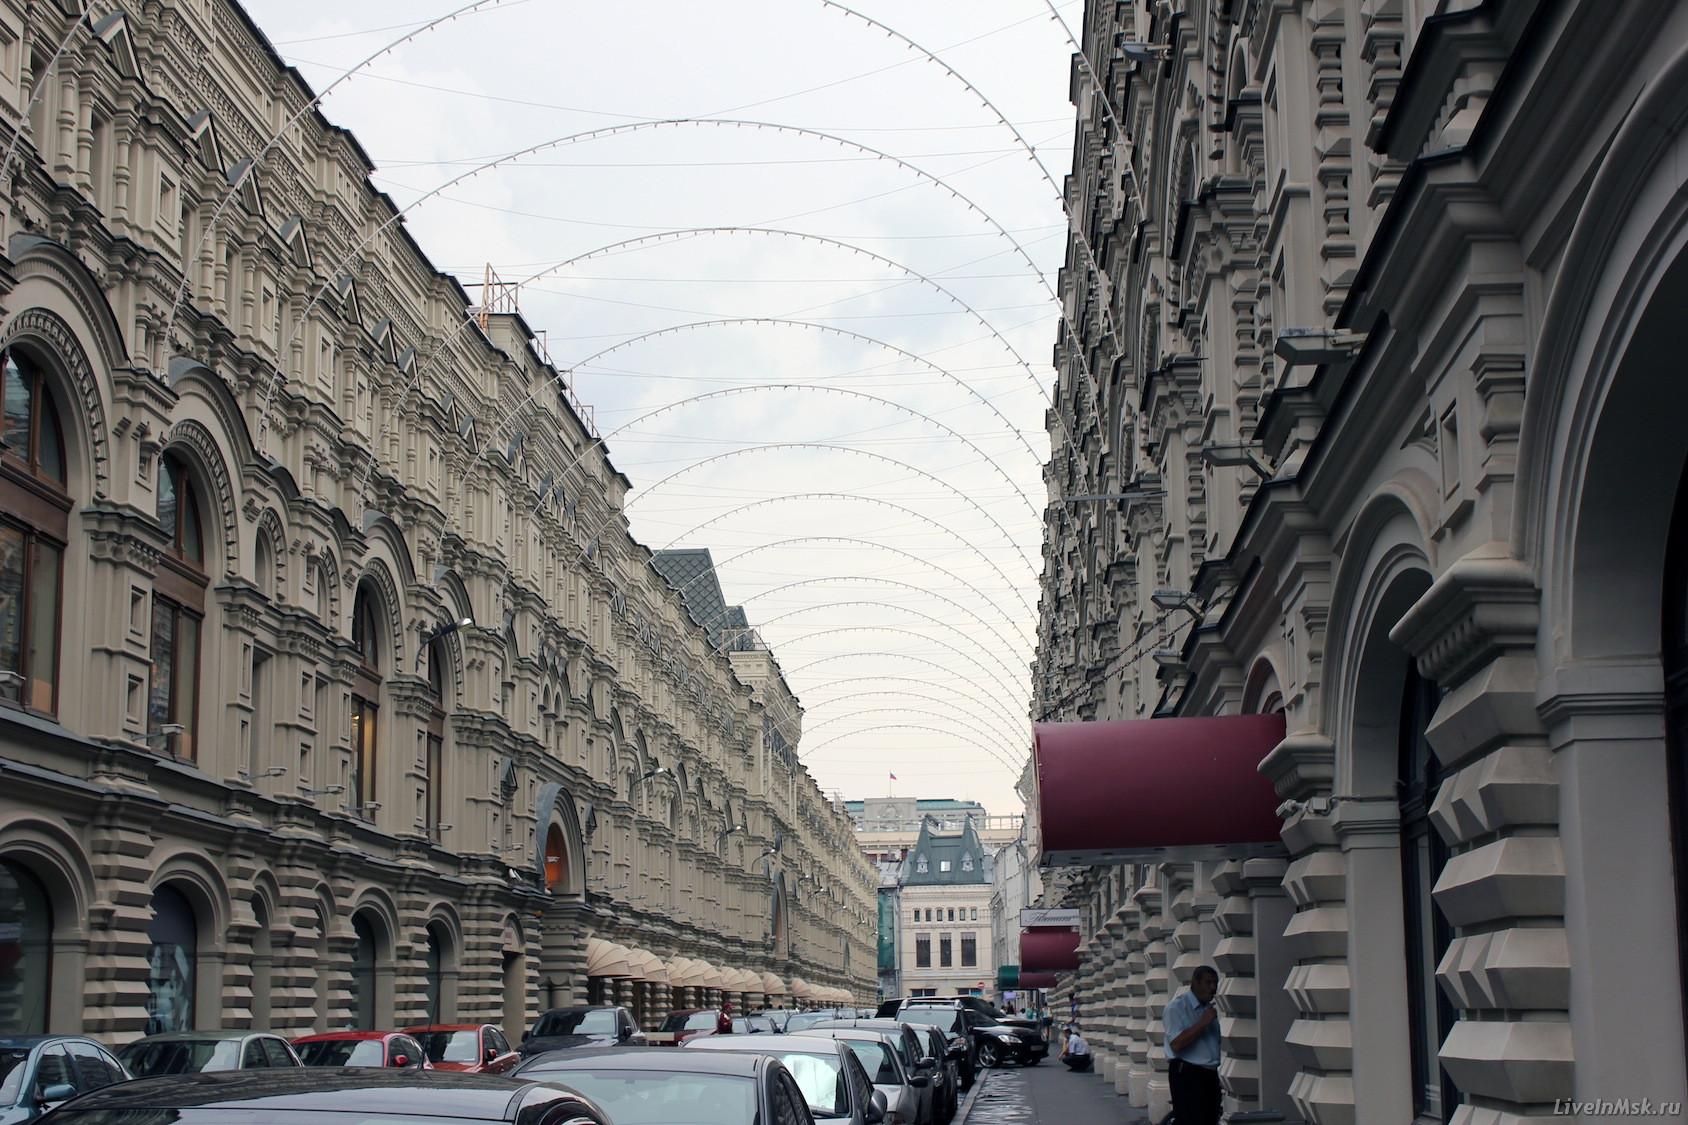 Ветошный переулок, фото 2015 года